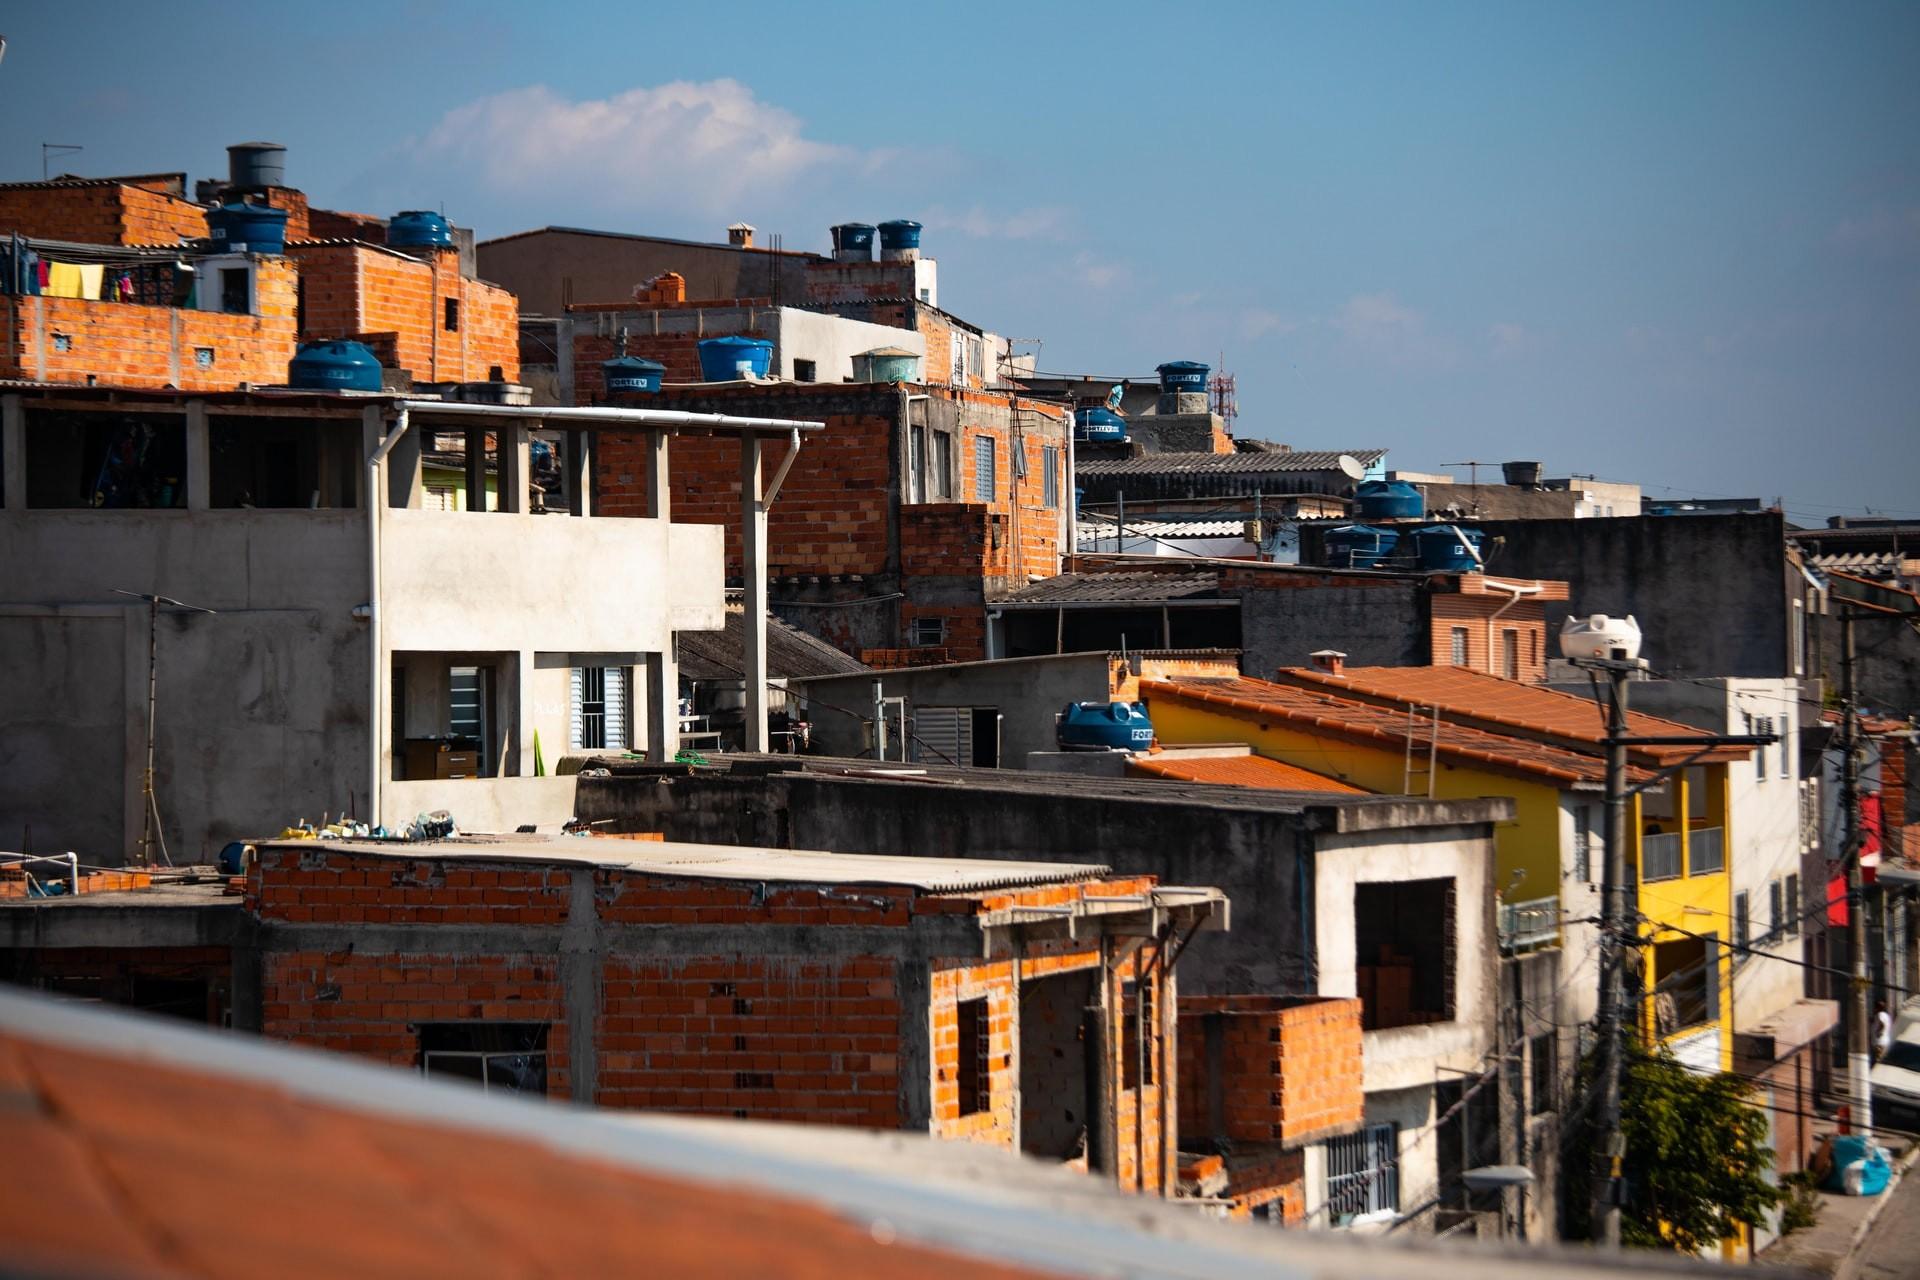 Risco de morrer por Covid-19 é 50% maior em áreas mais pobres (Foto: Danilo Alvesd/Unsplash)